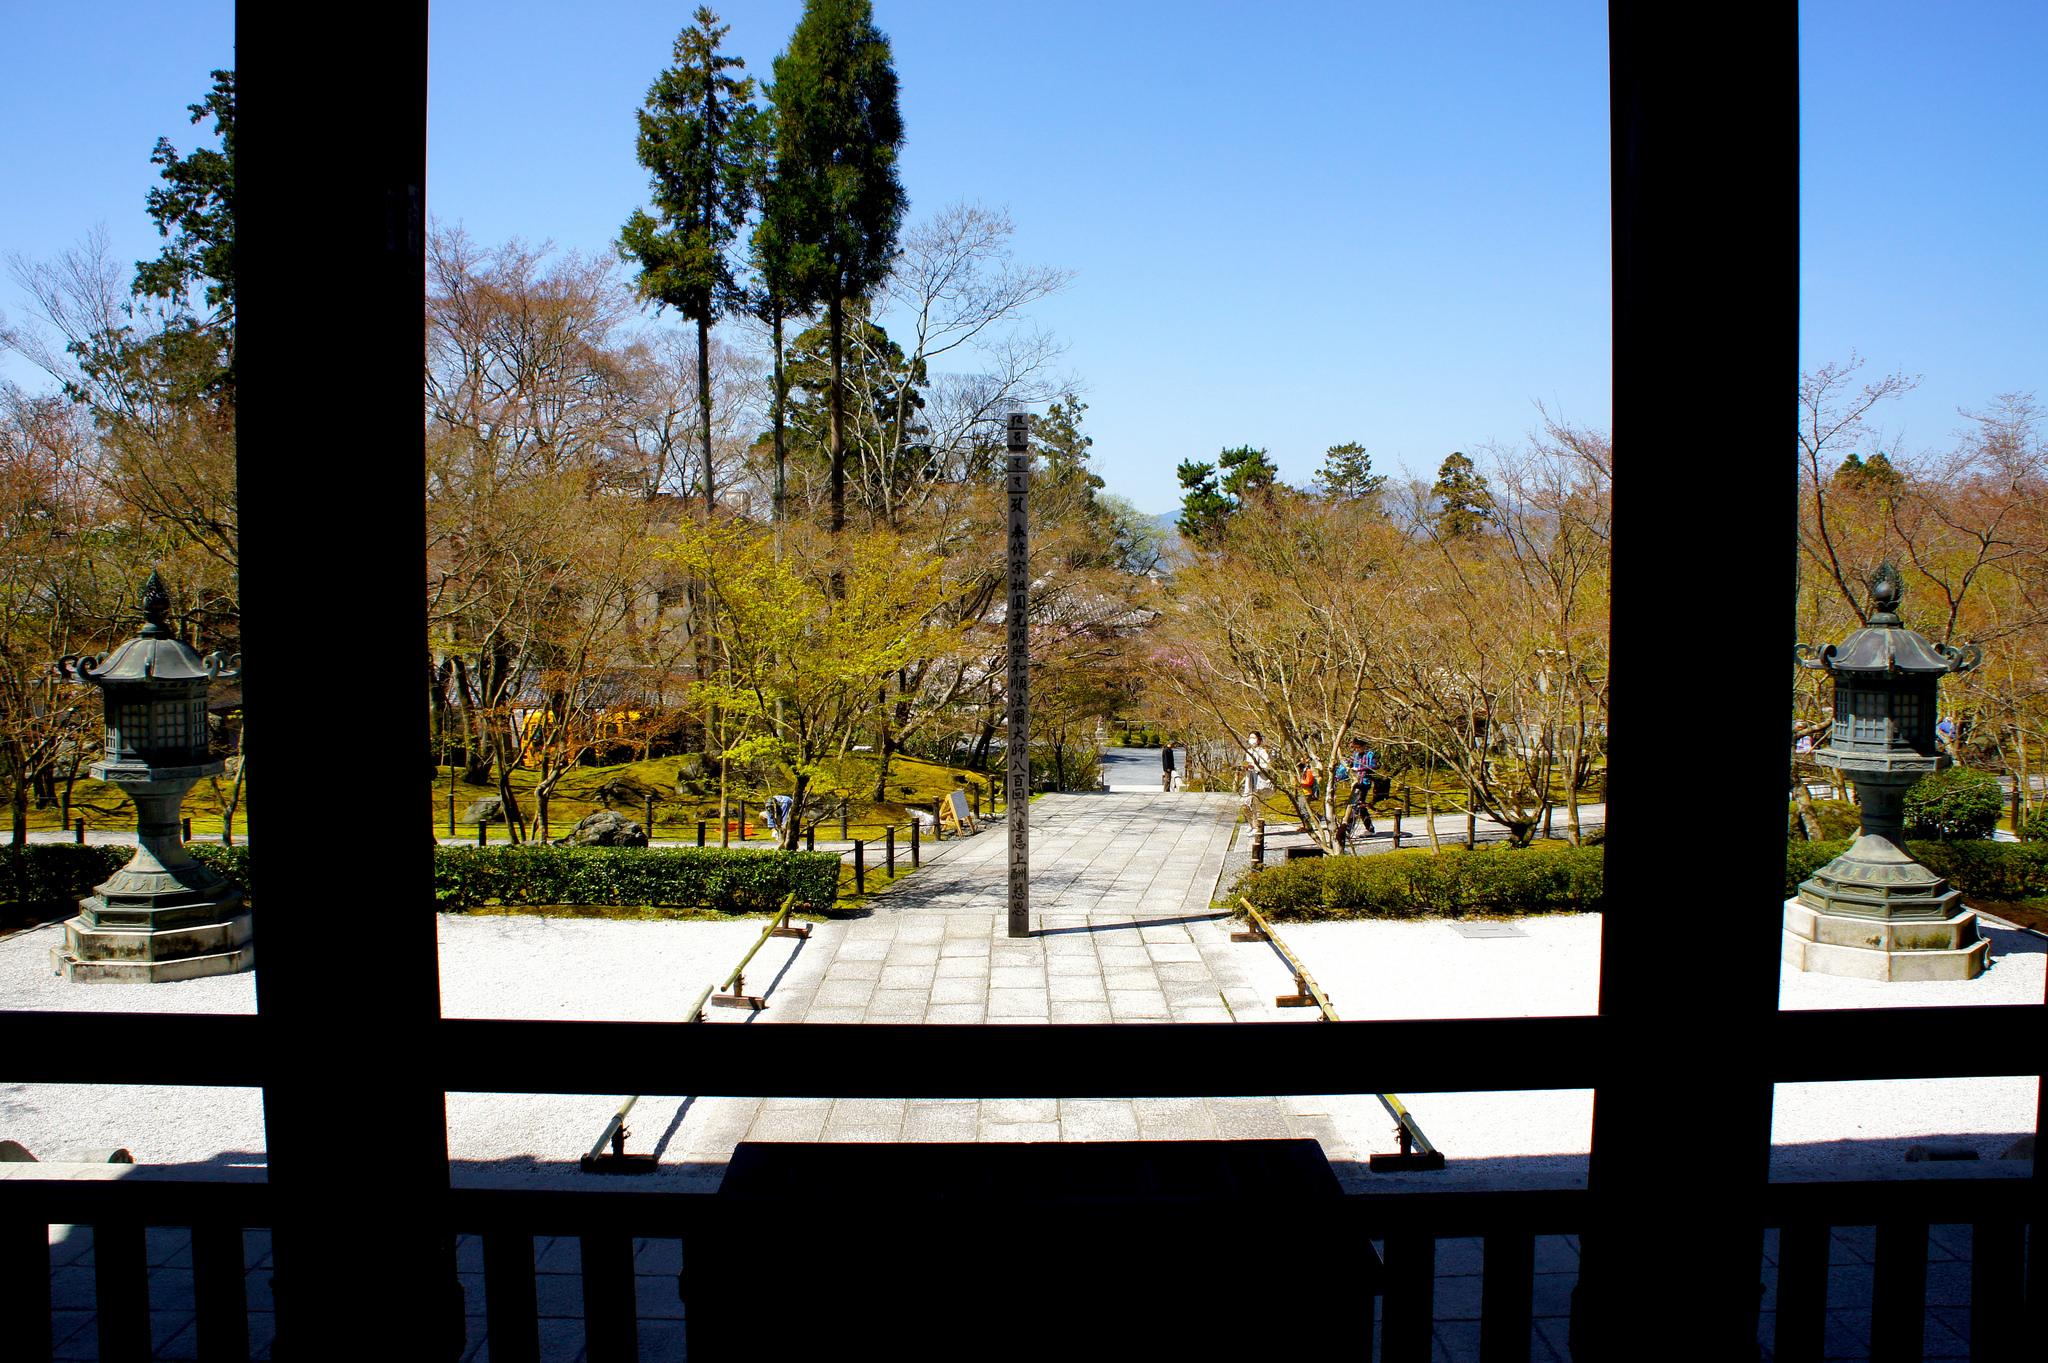 御影堂正面からの景色/永観堂 禅林寺(Eikando, Zenrin-ji Temple / Kyoto City) 2015/04/02